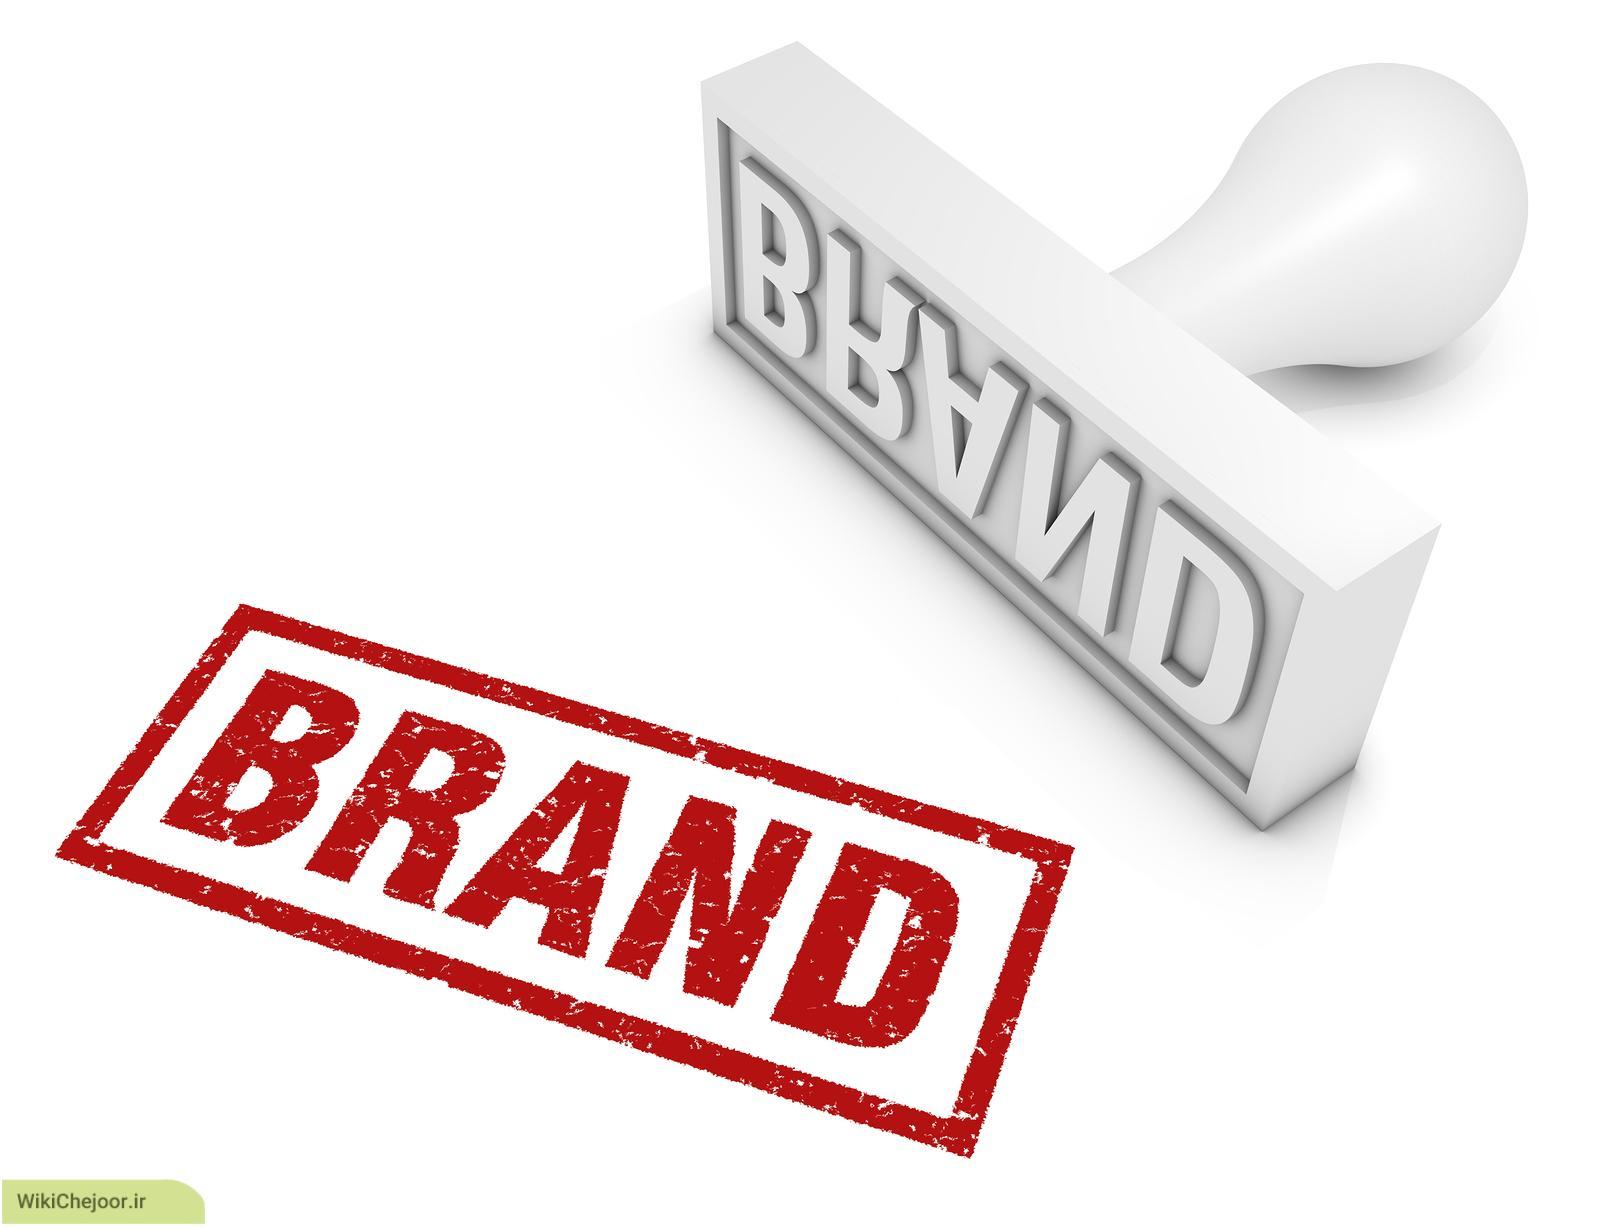 چگونه میتوانید موقعیت برندینگ خود را پیدا کرده، پروش داده و تصحیحش کنید به شکلیکه مصرفکننده را متقاعد سازید تا محصول شما را تجریه کند؟